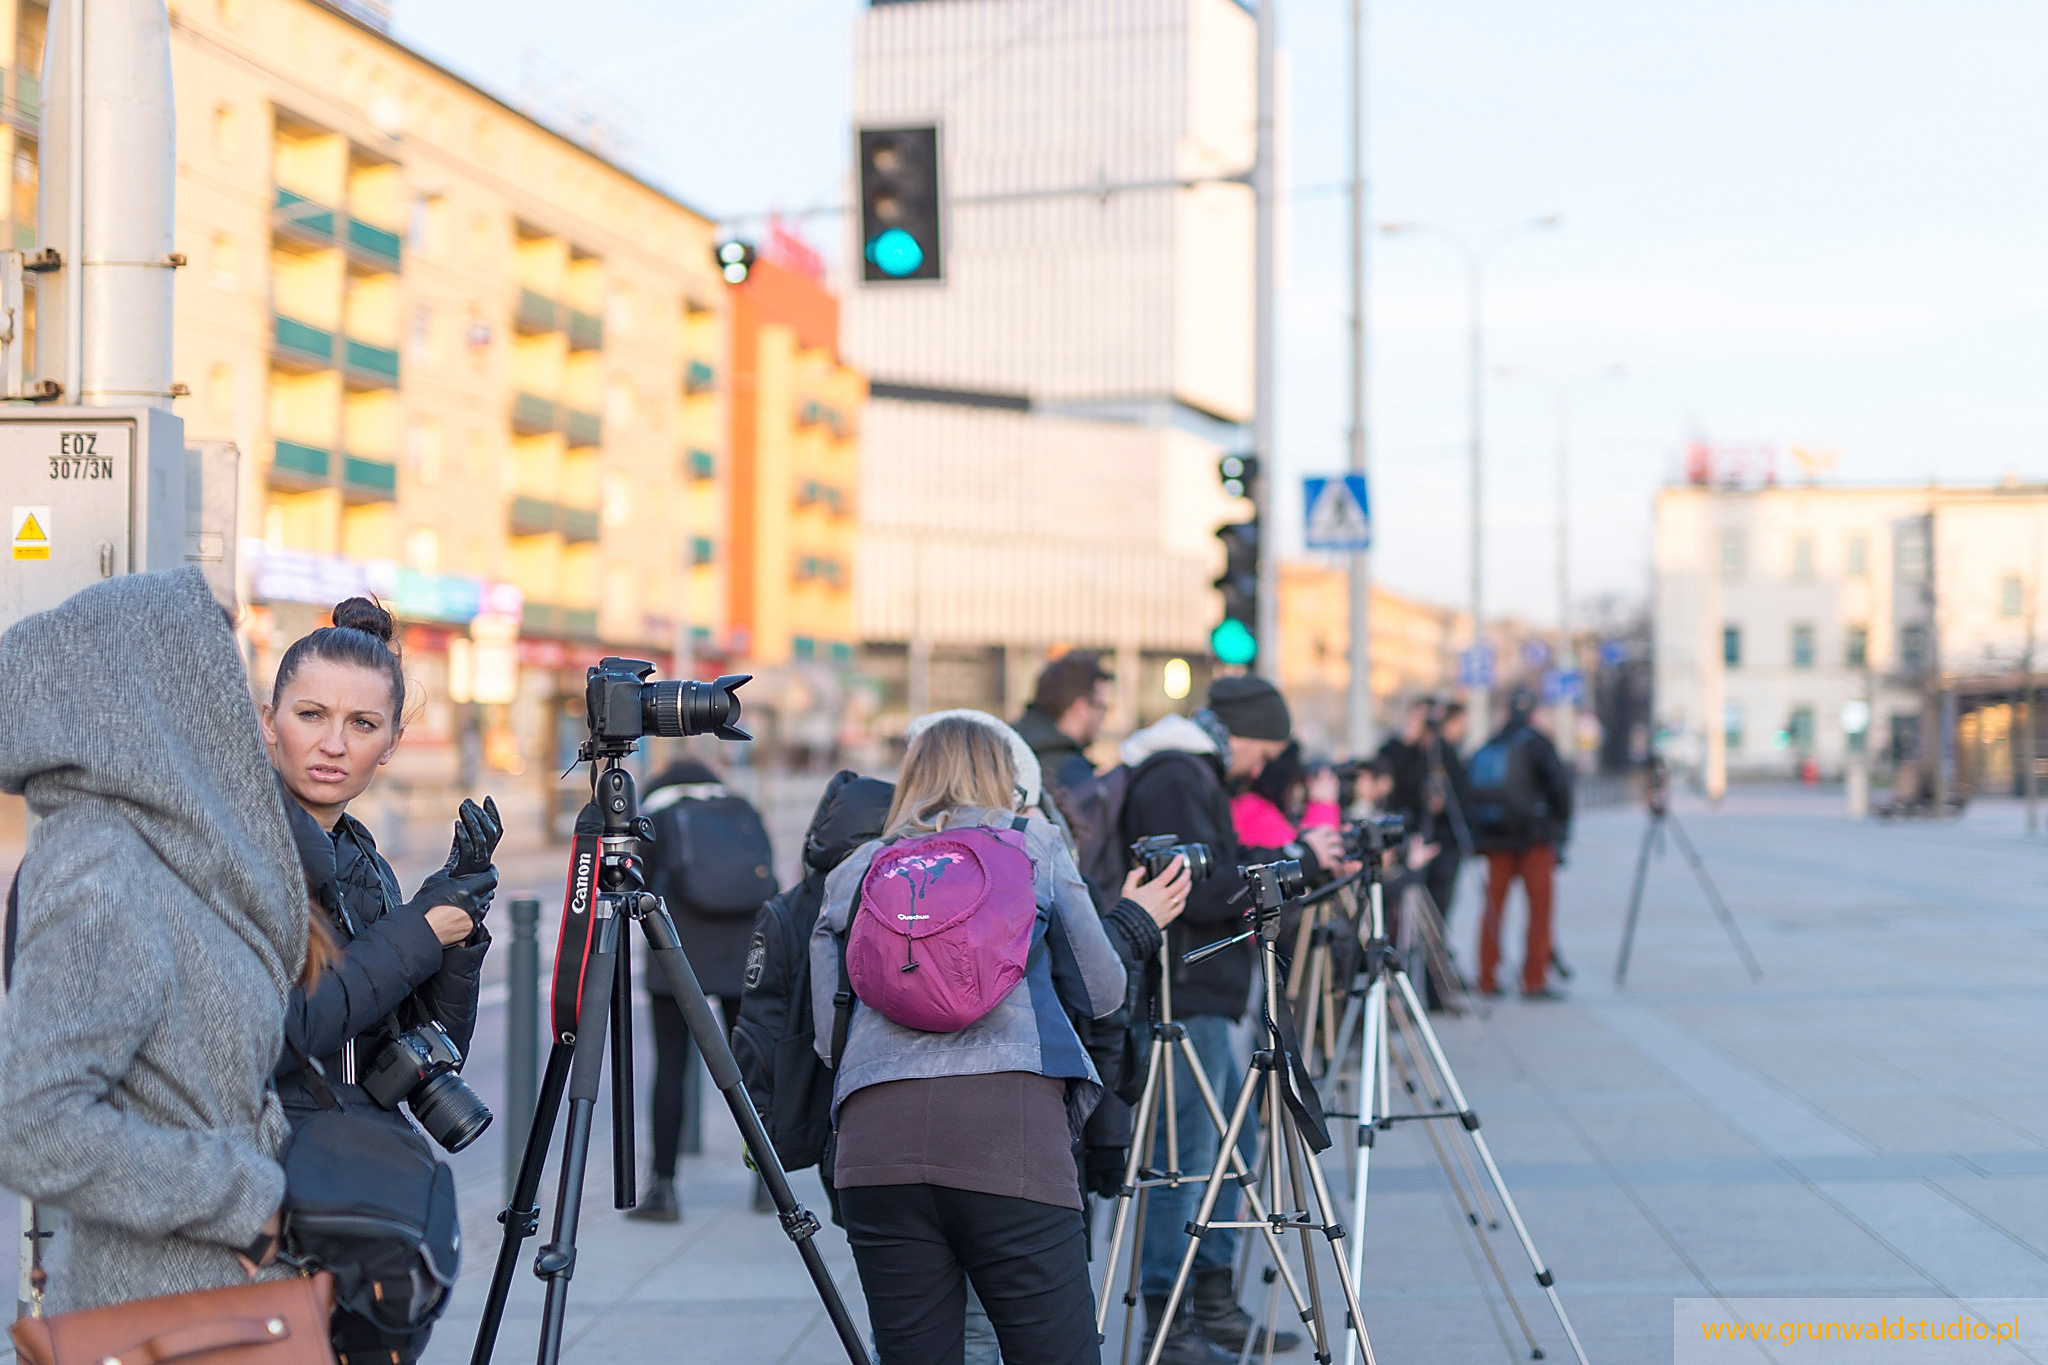 Grunwald-Studio-Kurs-Fotografii-Wrocław-Fotograf-Wrocław-Kursy-fotograficzne-Wrocław-20